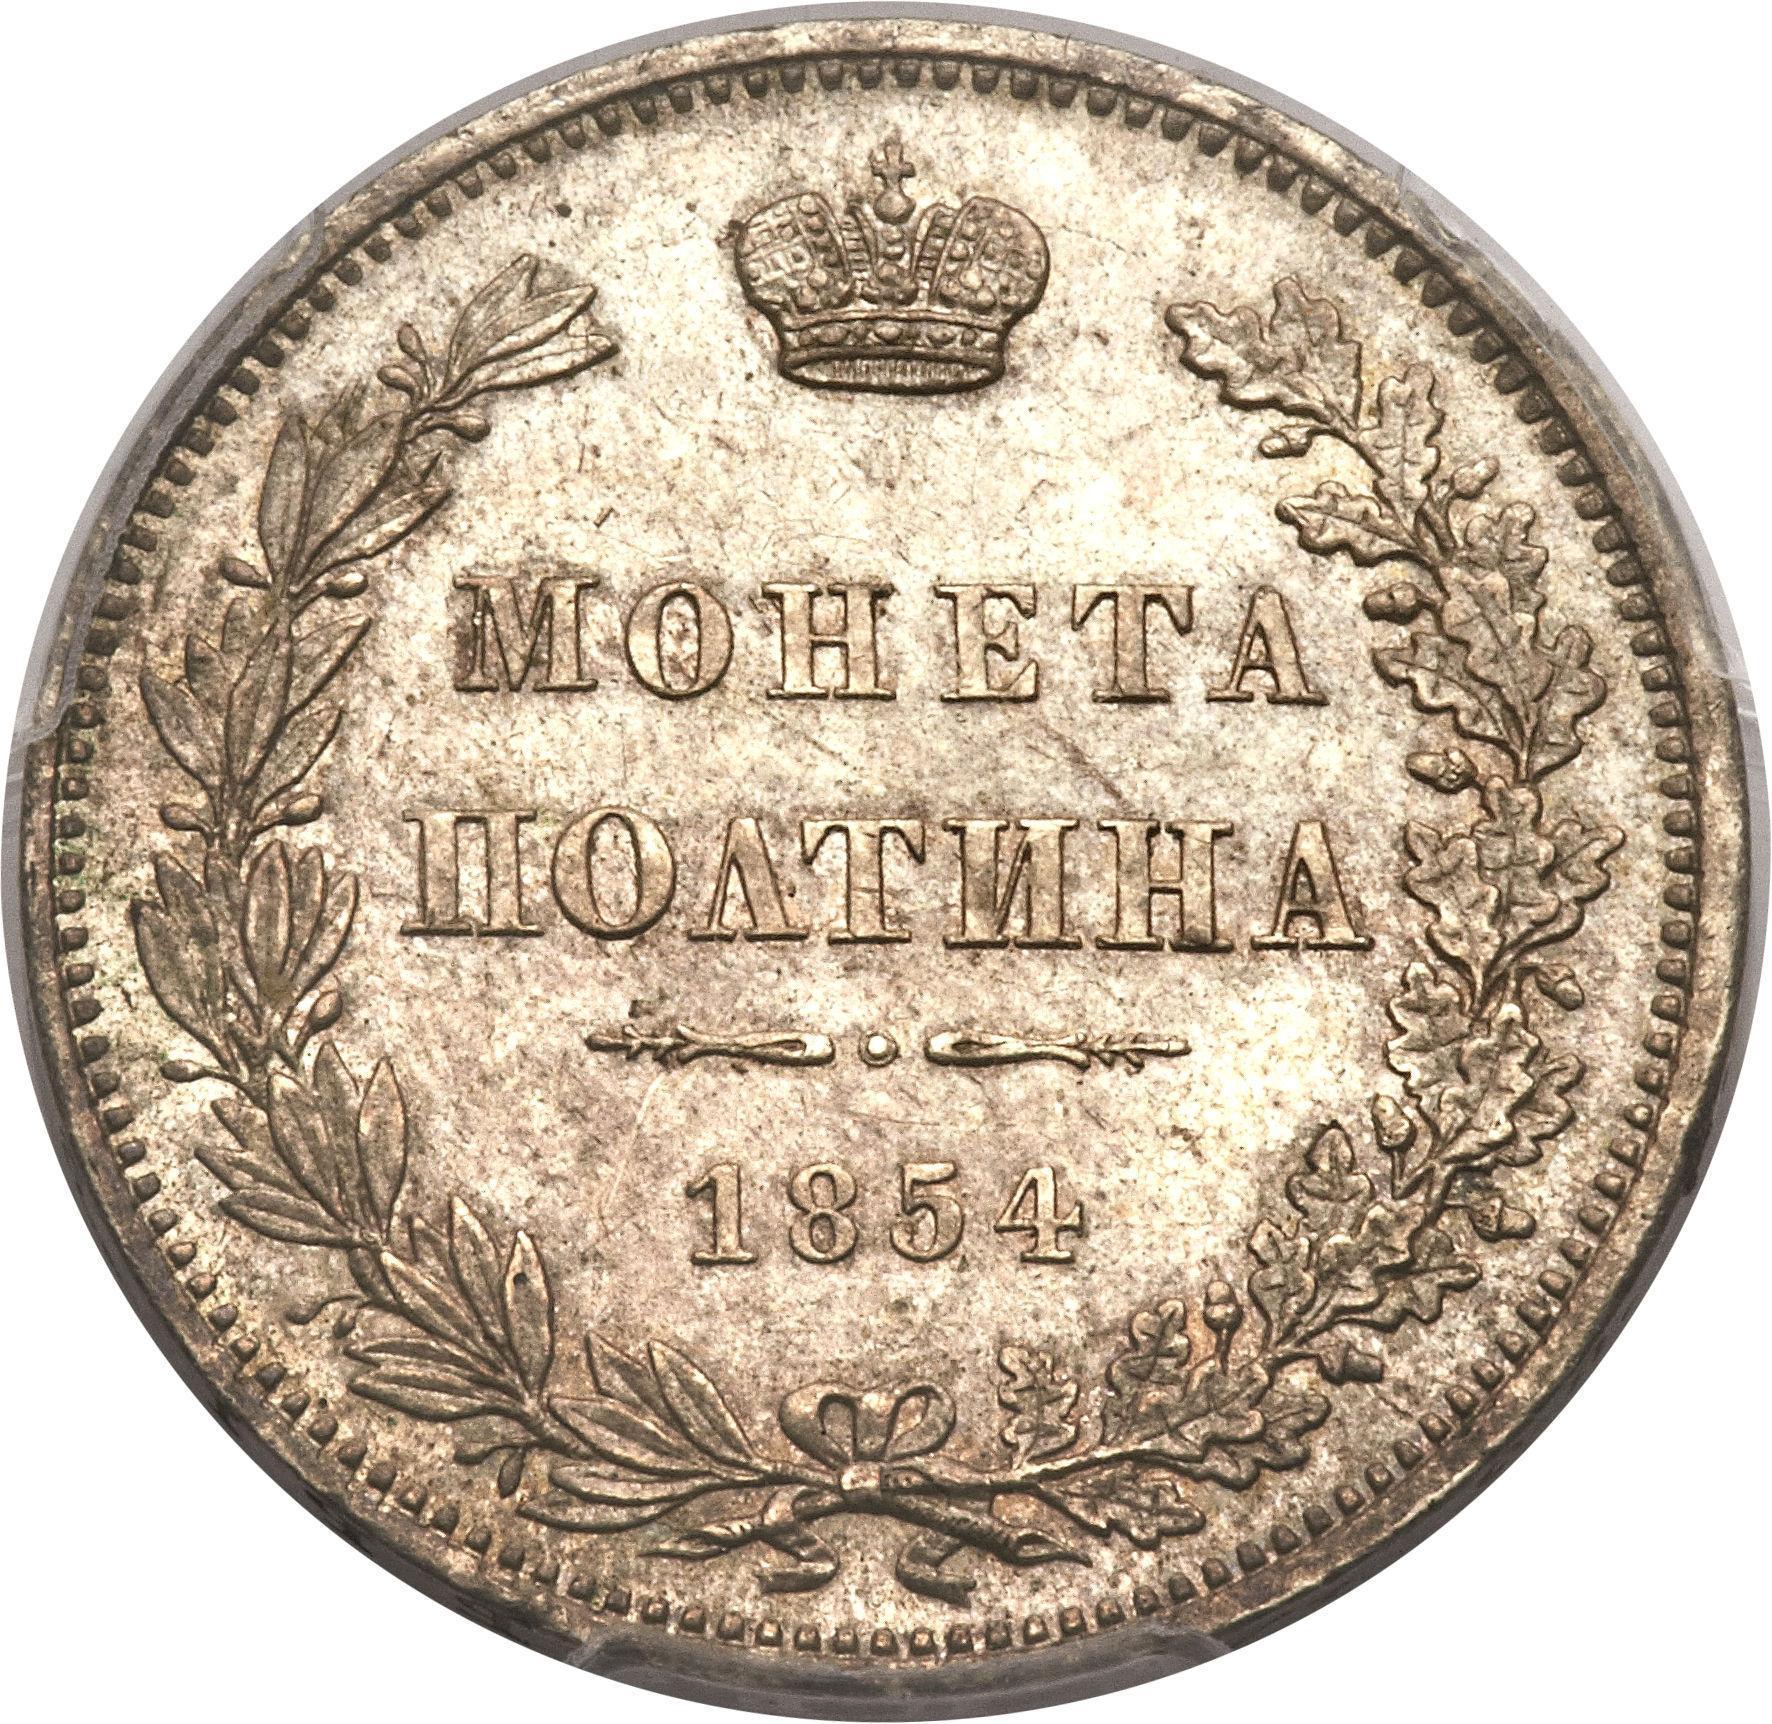 Монета Полтина 1854 года Николая I - реверс